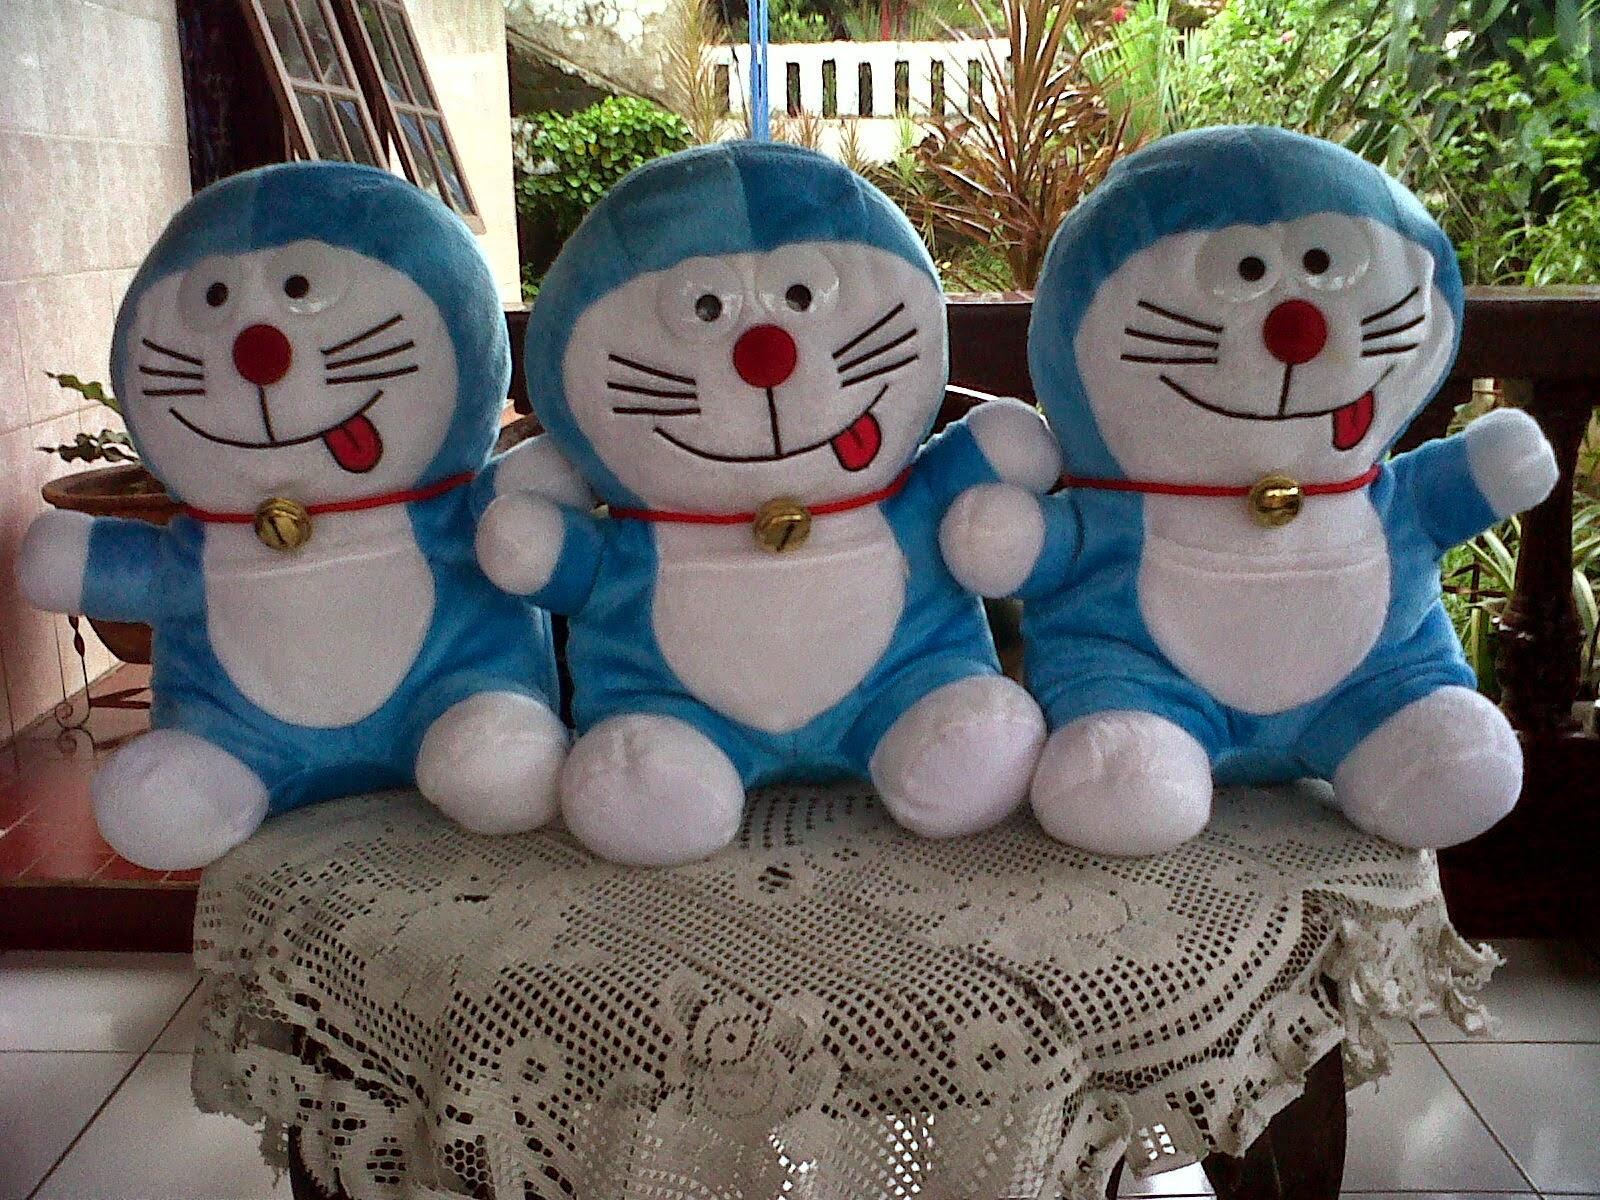 Boneka Karakter Doraemon c4688b999e